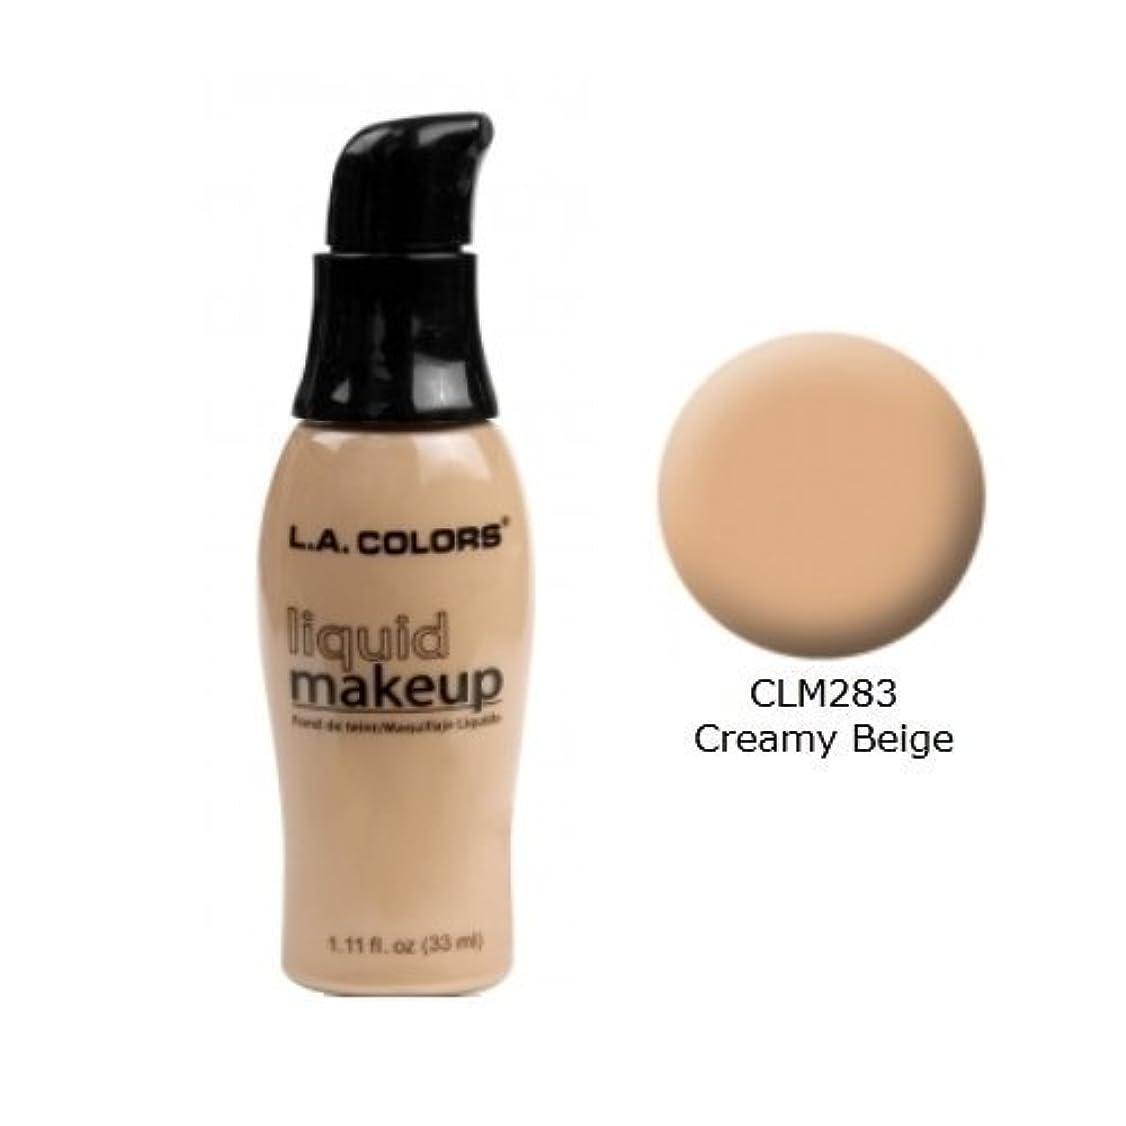 取るに足らない類似性内側LA COLORS Liquid Makeup Creamy Beige (並行輸入品)